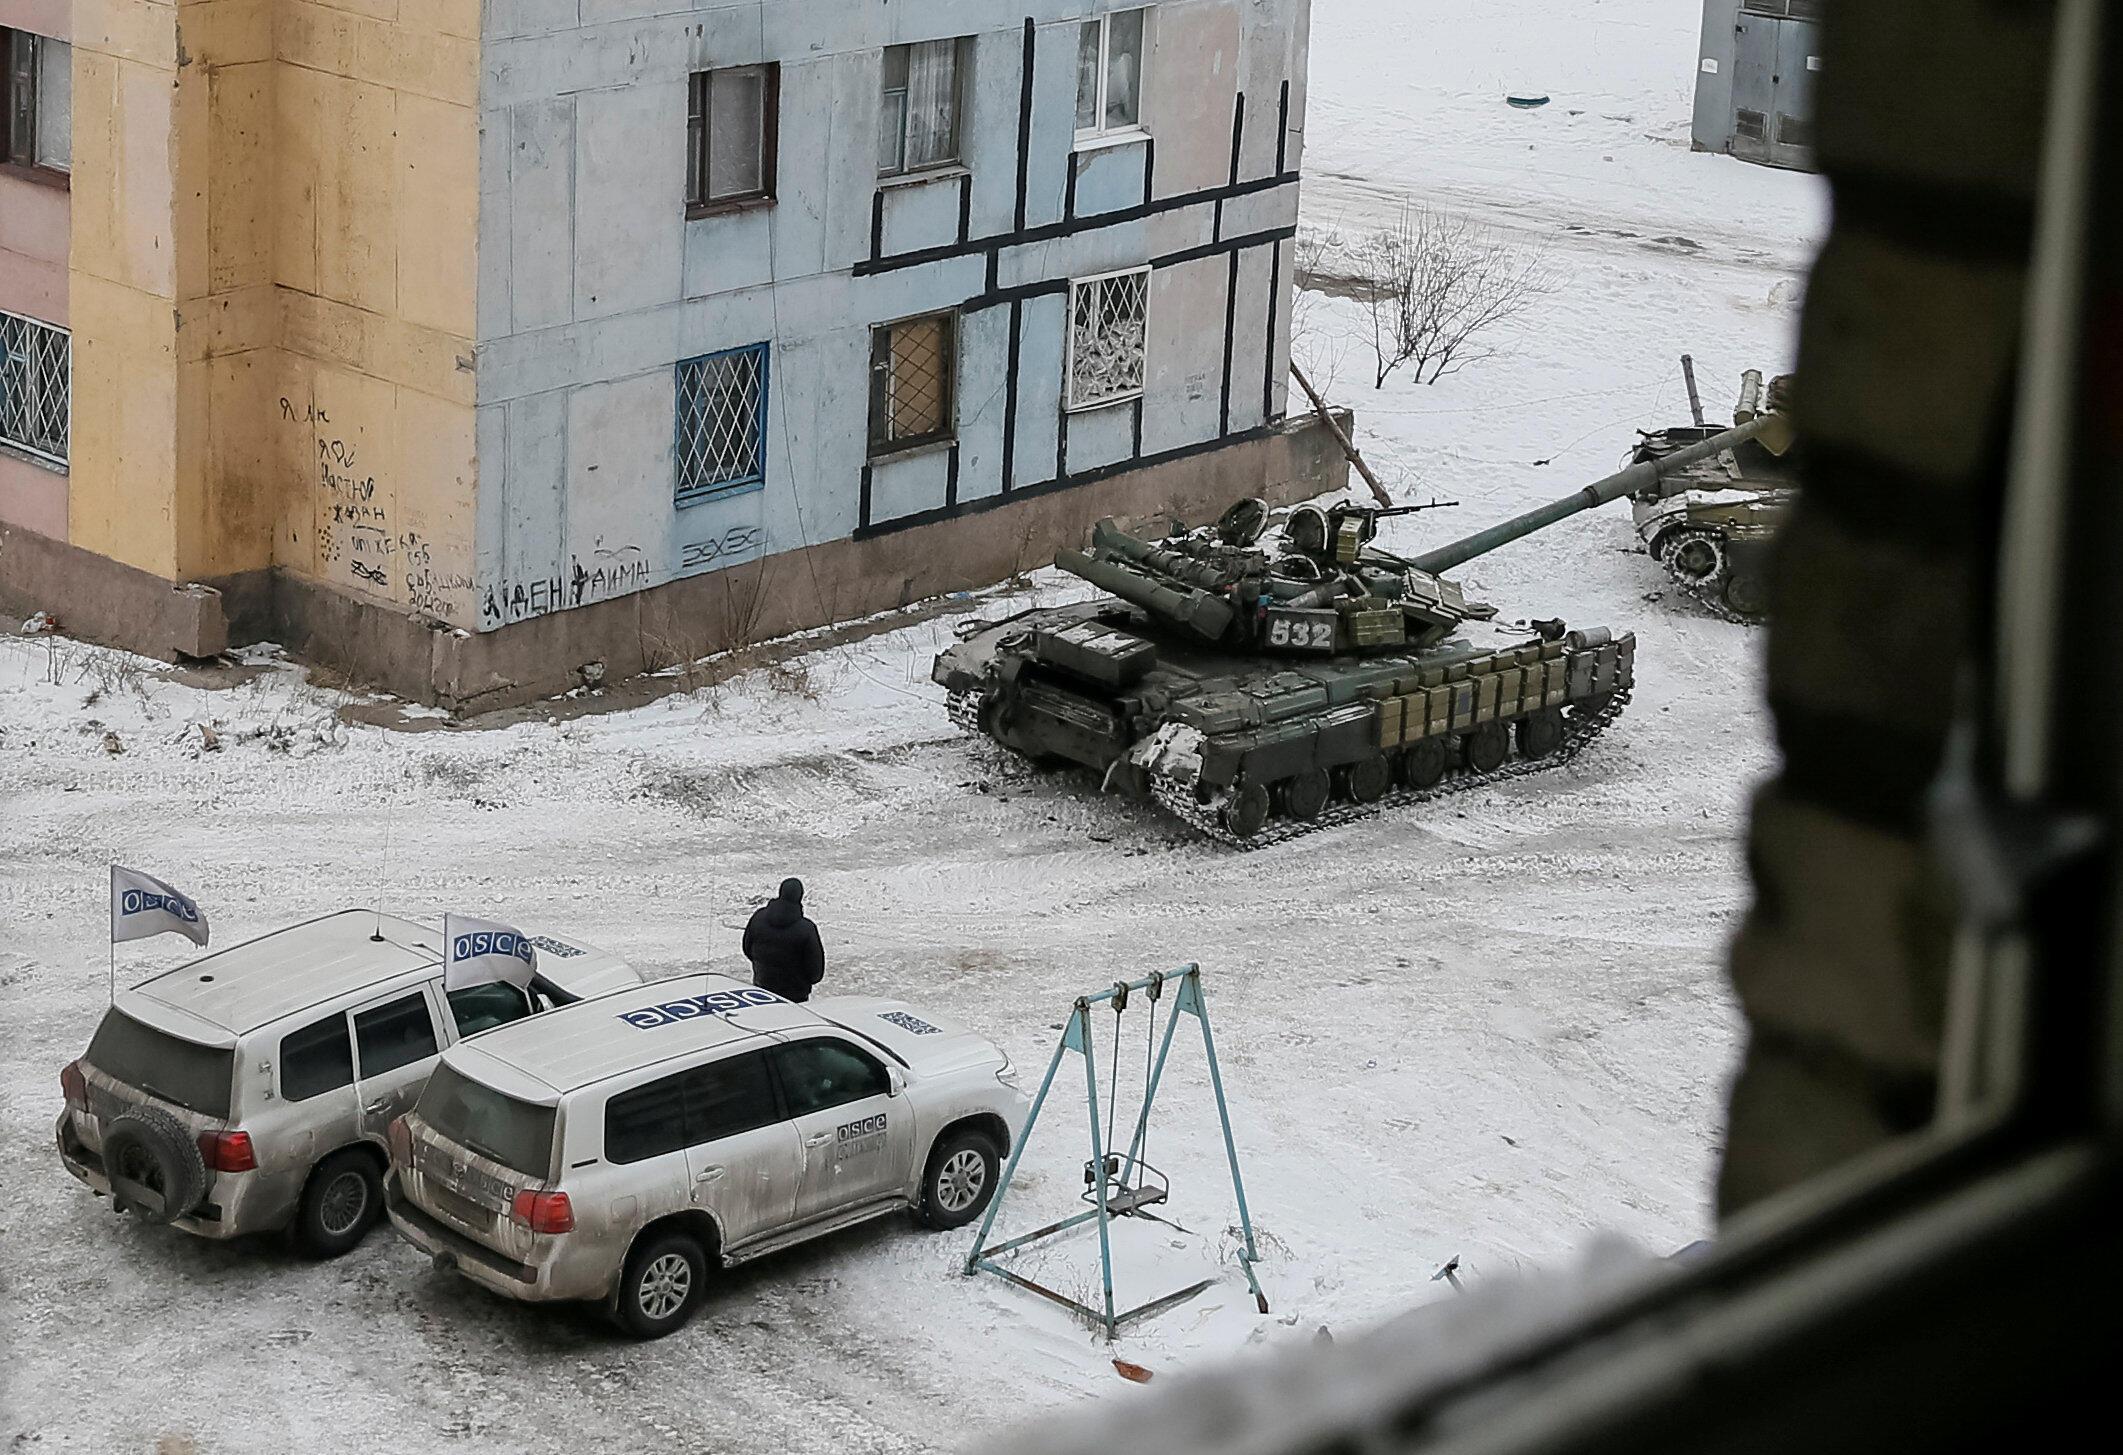 Xe của Tổ Chức An Ninh Và Hợp Tác Châu Âu - OSCE - tại thành phố Avdiyivka, Ukraine, ngày 01/02/2017